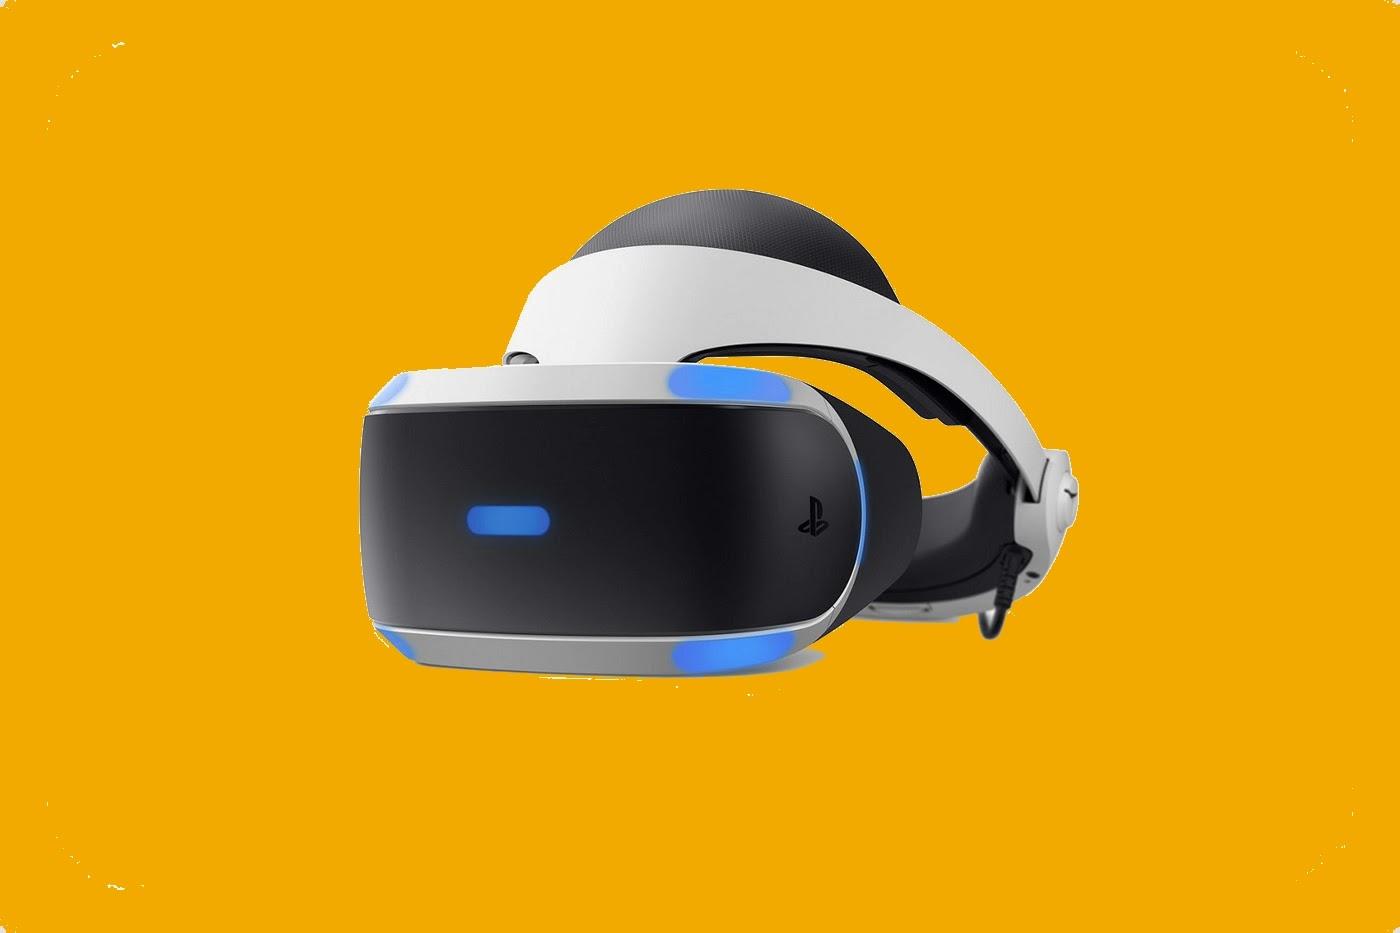 نظارة PlayStation VR من سوني تأتي بدقة 4K